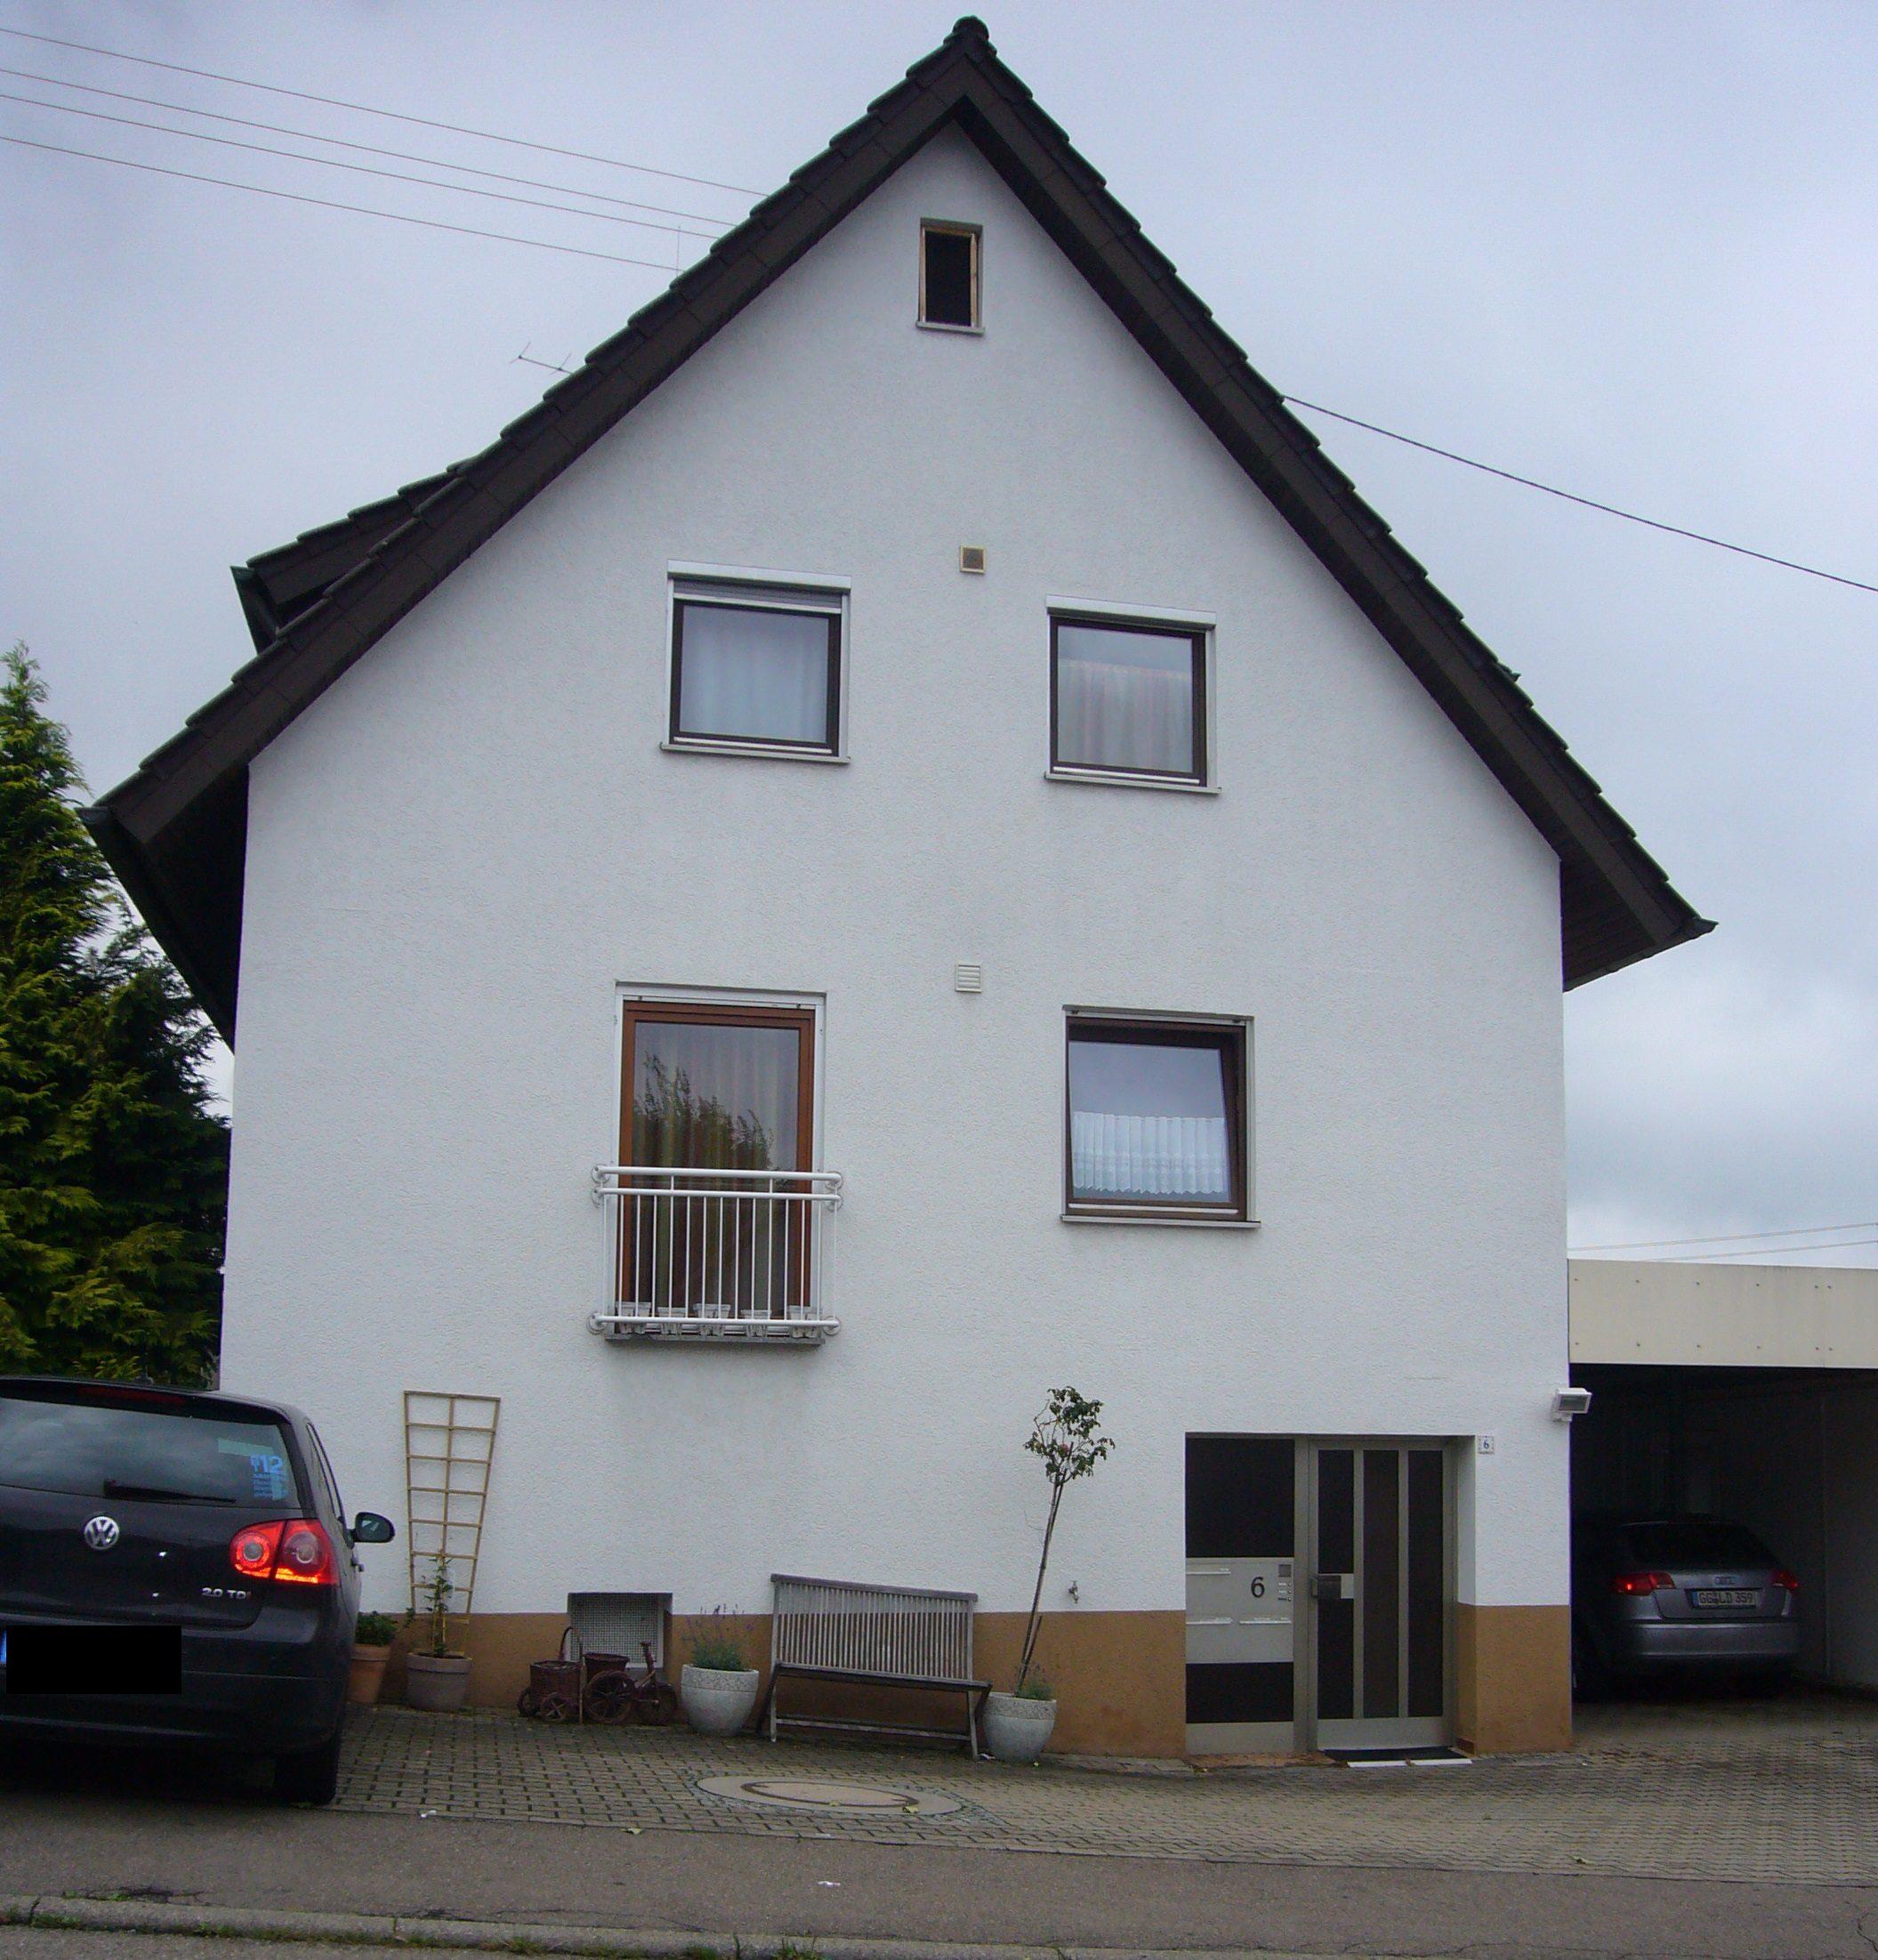 3-Zimmer-Wohnung – Brückenstraße 6 in Weil im Schönbuch